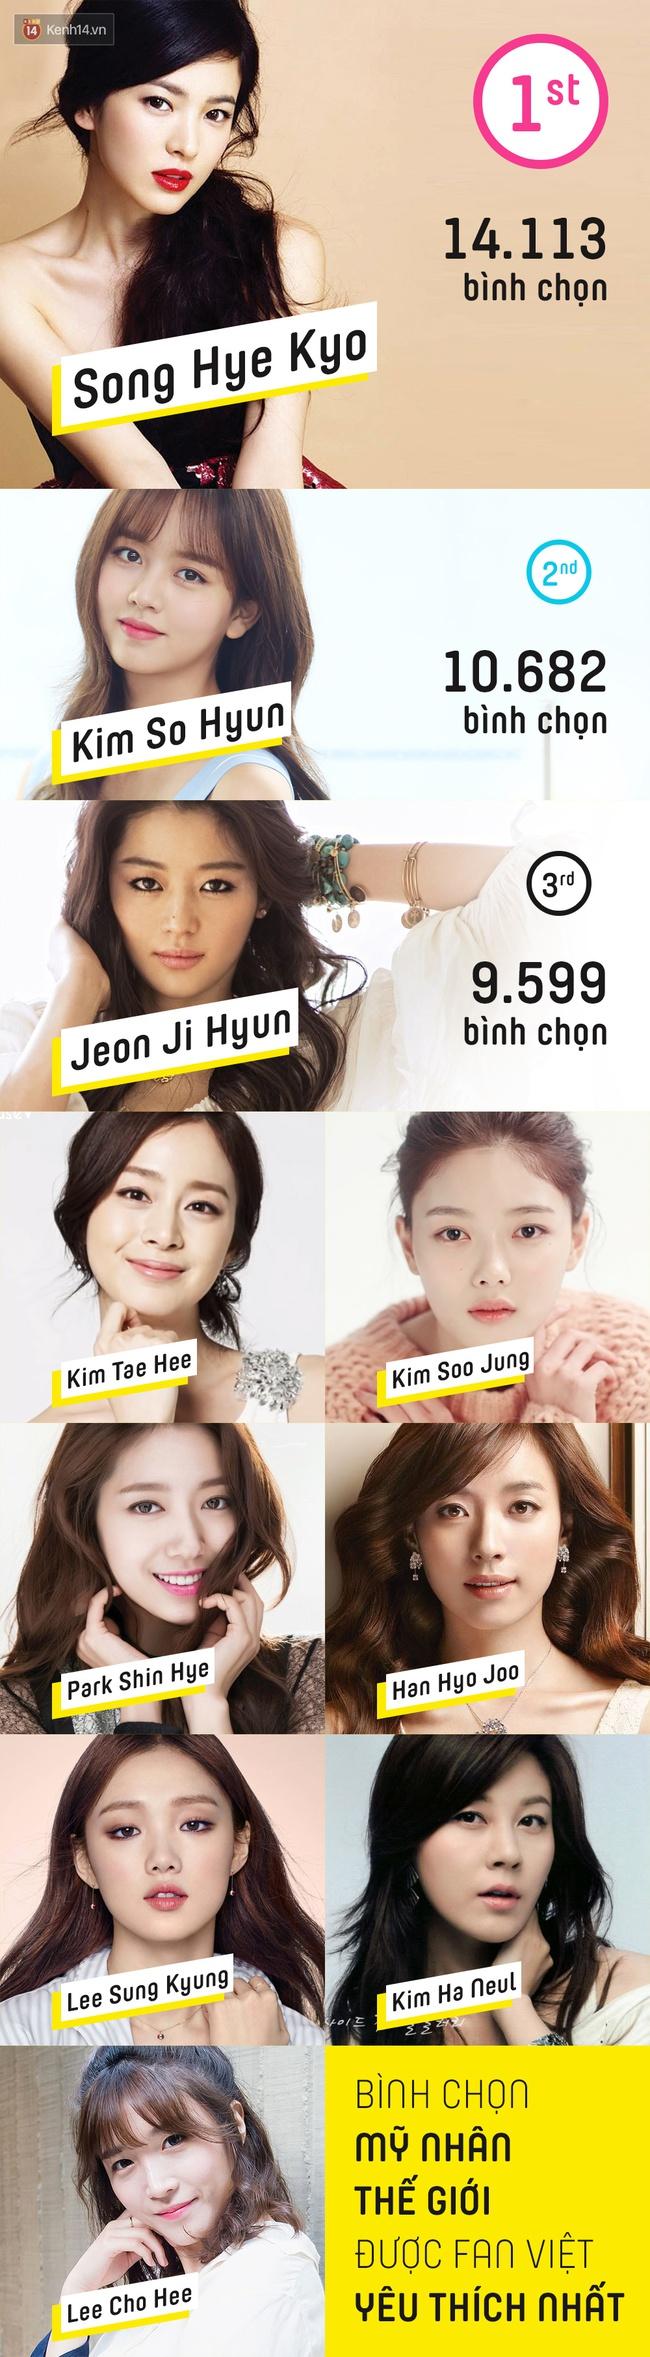 Mỹ nhân được fan Việt yêu thích nhất 2016: Jiyeon hay Krystal vẫn bại trận trước nữ thần Yoona! - Ảnh 3.